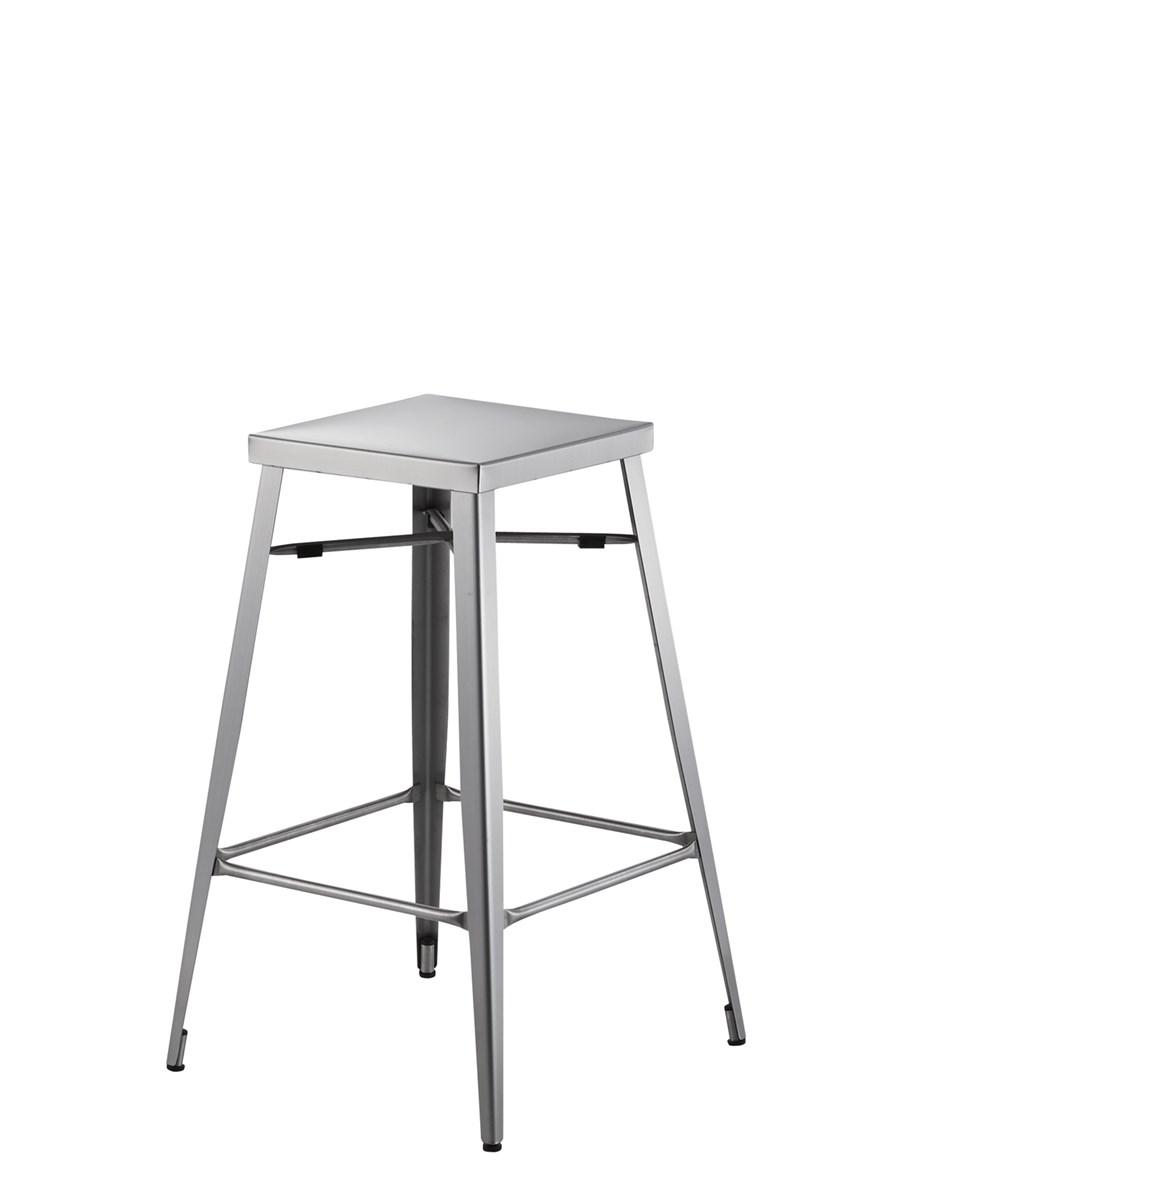 ハイスツール イス バーチェア 椅子 カウンターチェア